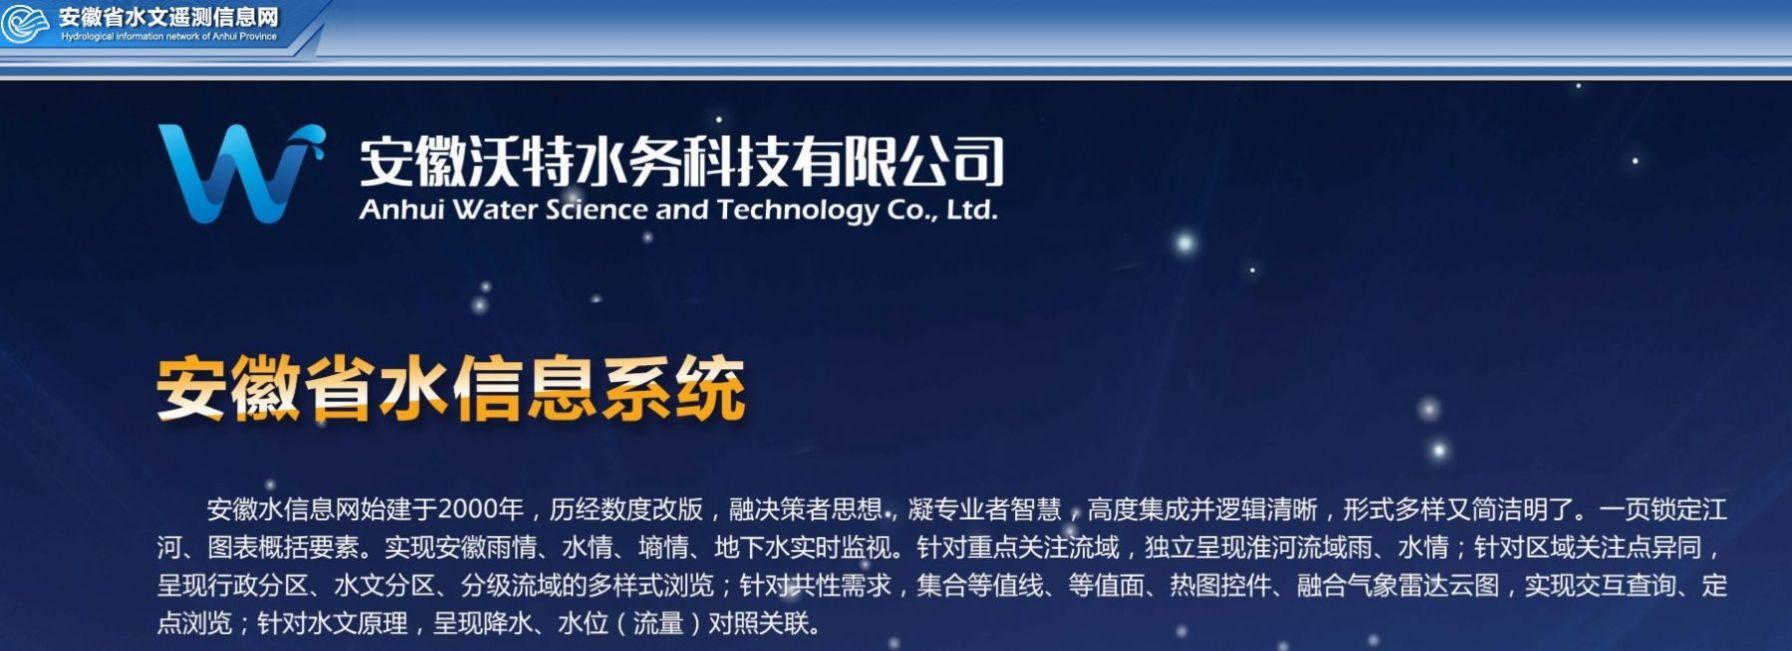 最新淮河今日水位安卓版软件图2: